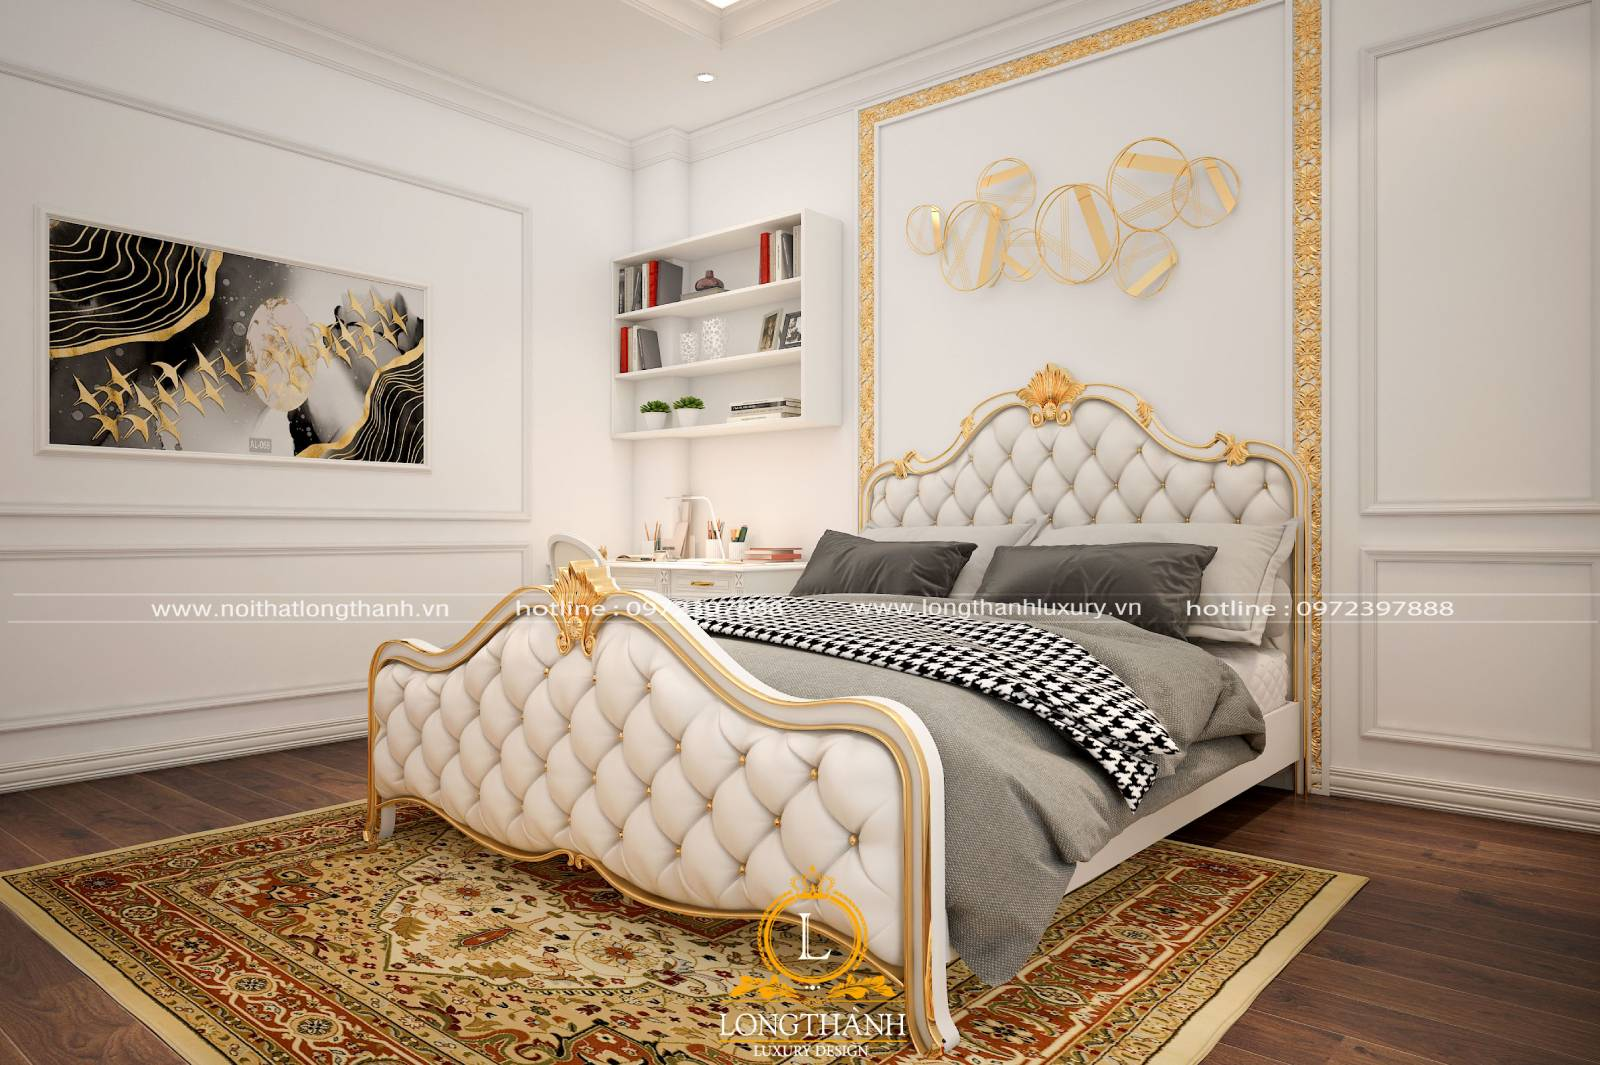 Tranh trang trí phòng ngủ tân cổ điển đẹp nhẹ nhàng tinh tế